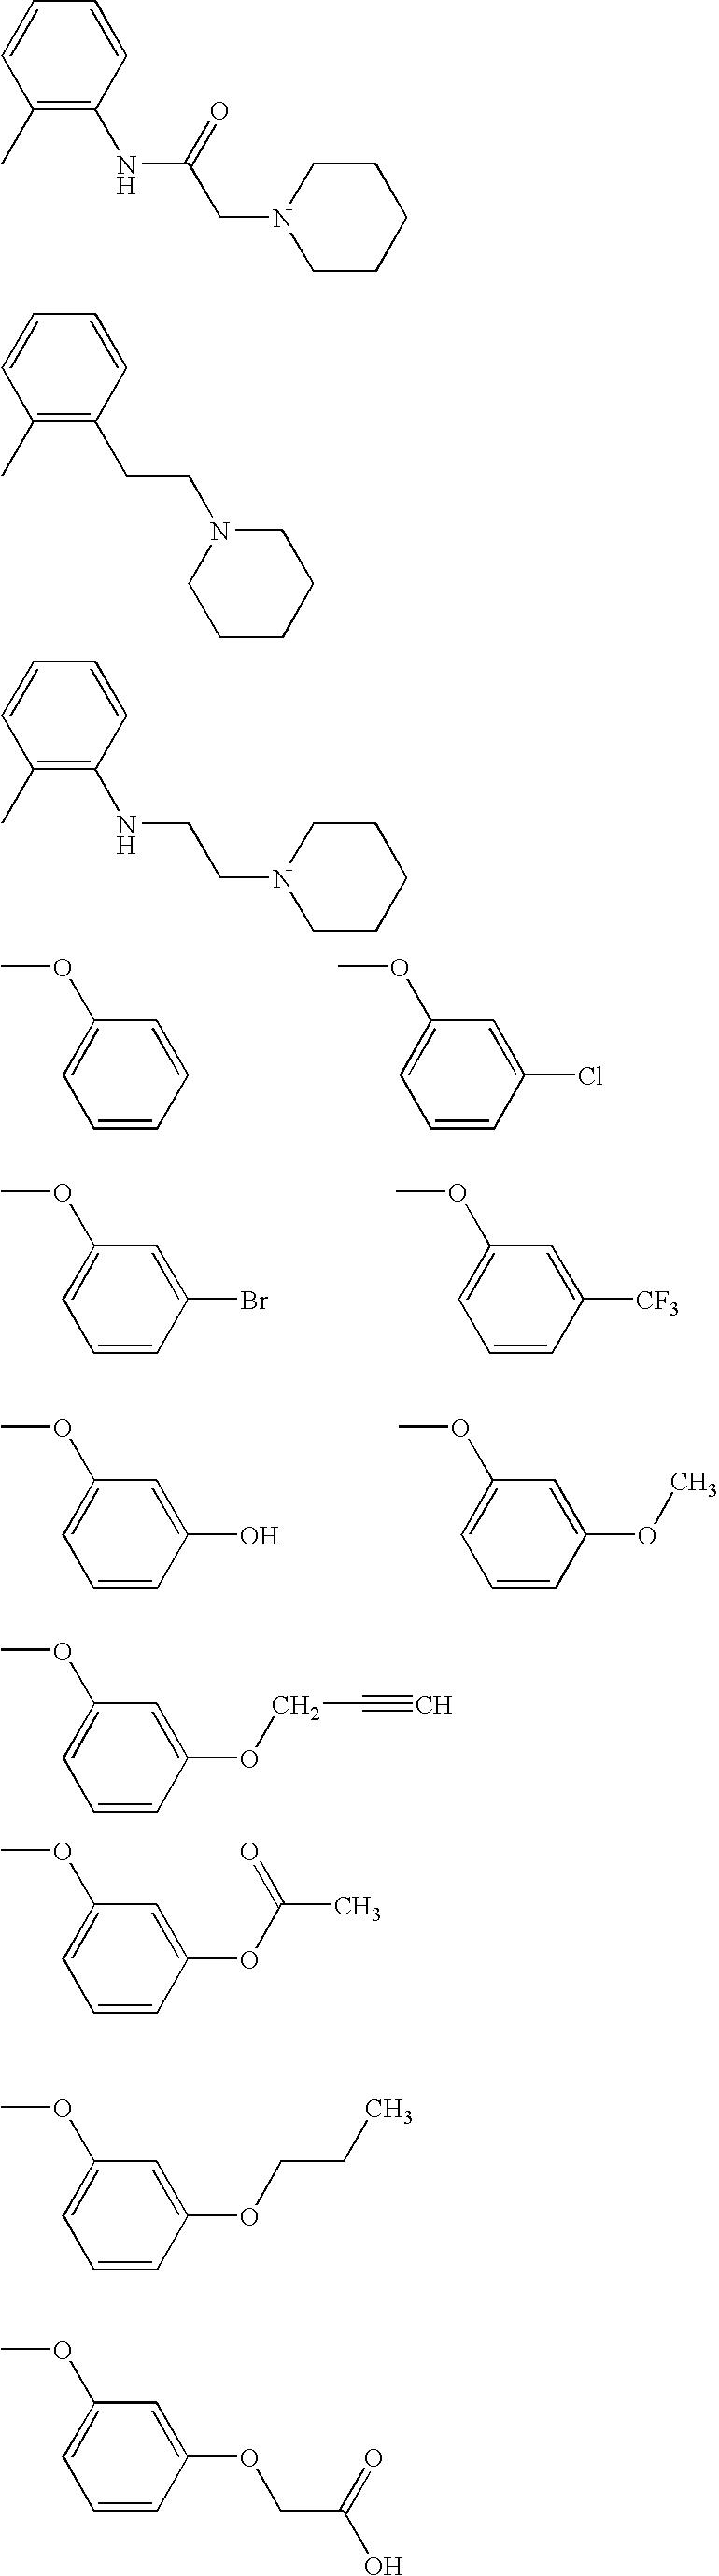 Figure US20070049593A1-20070301-C00211